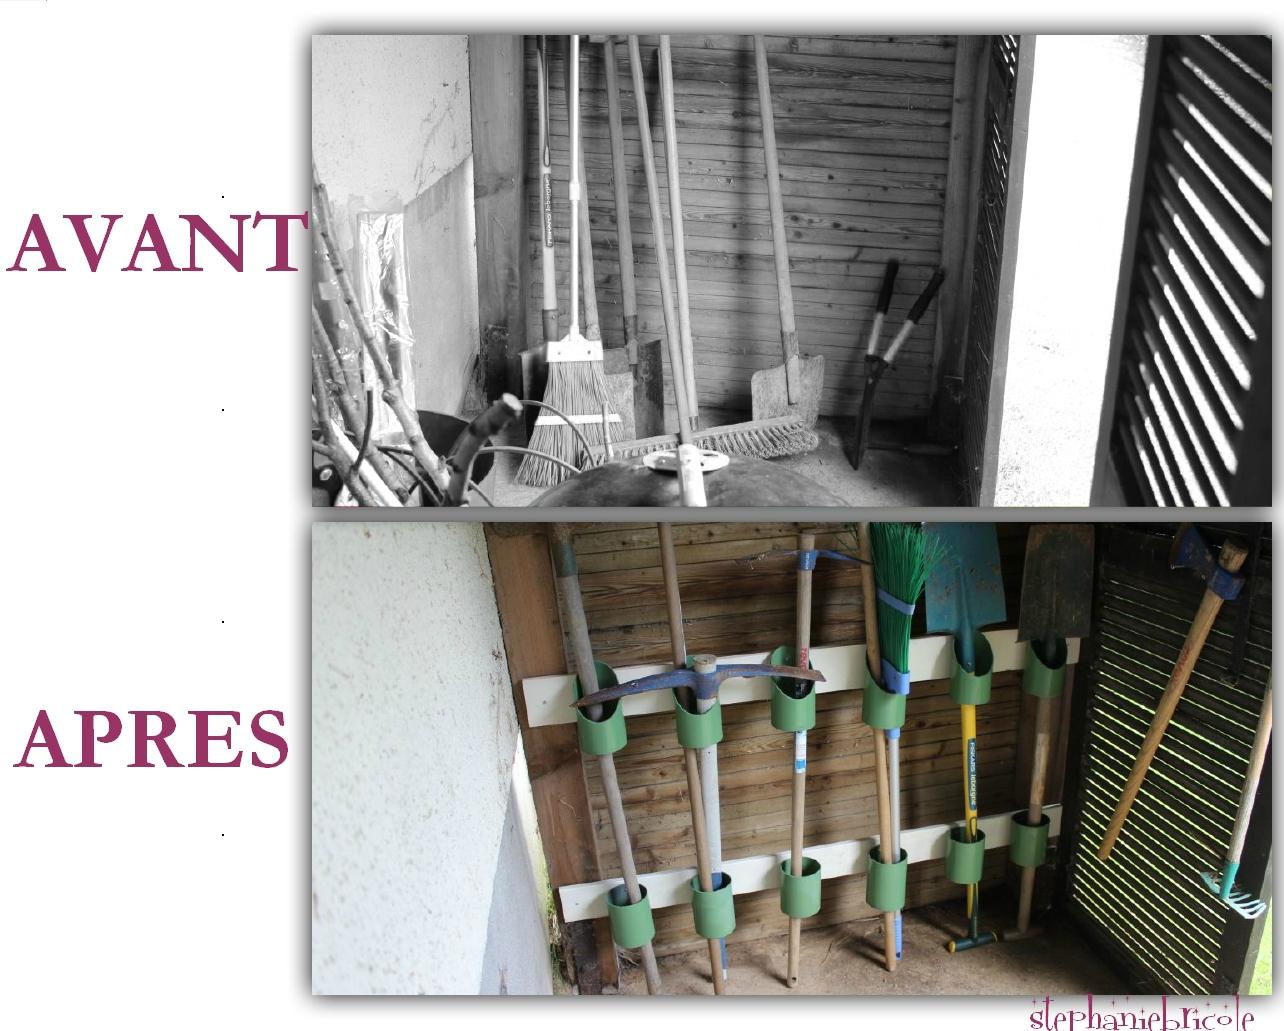 Idée De Rangement Récup Pour Le Jardin ! - Stéphanie Bricole concernant Range Outils De Jardin